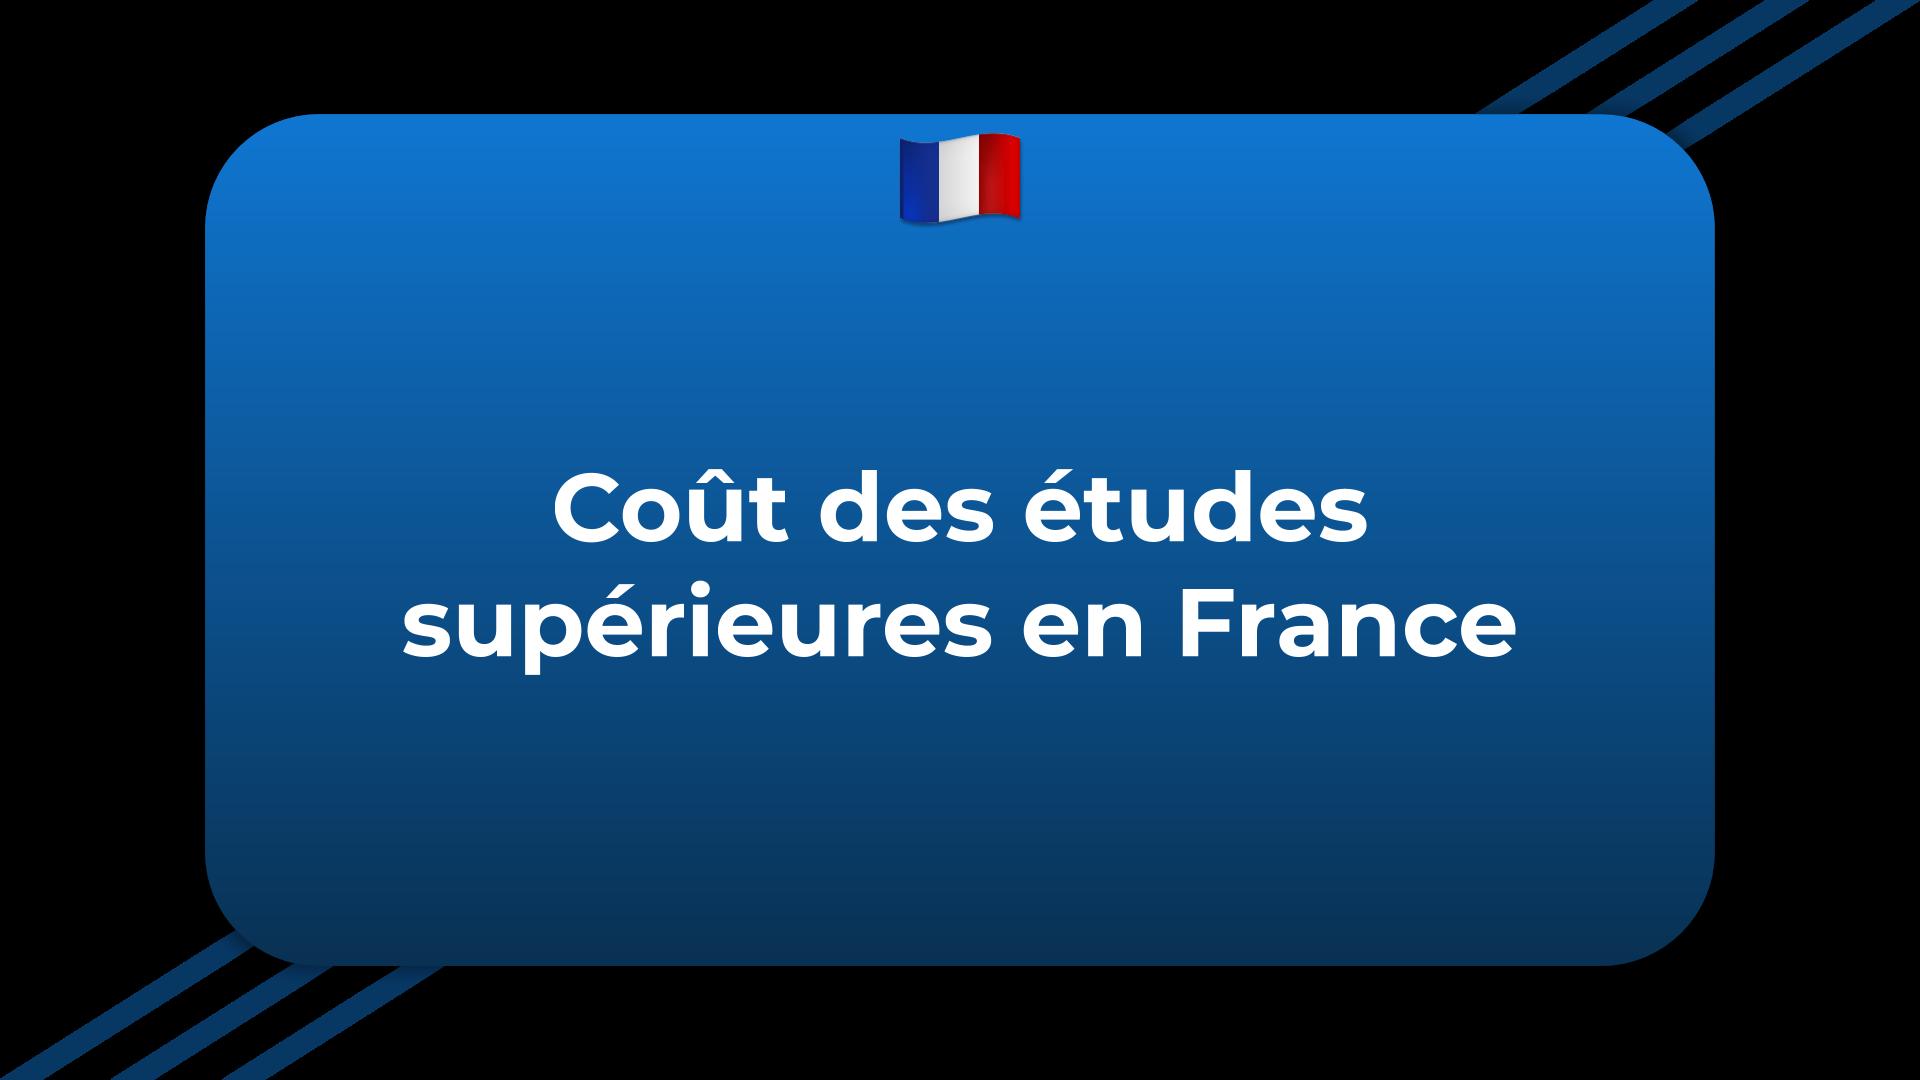 Coût des études supérieures en France